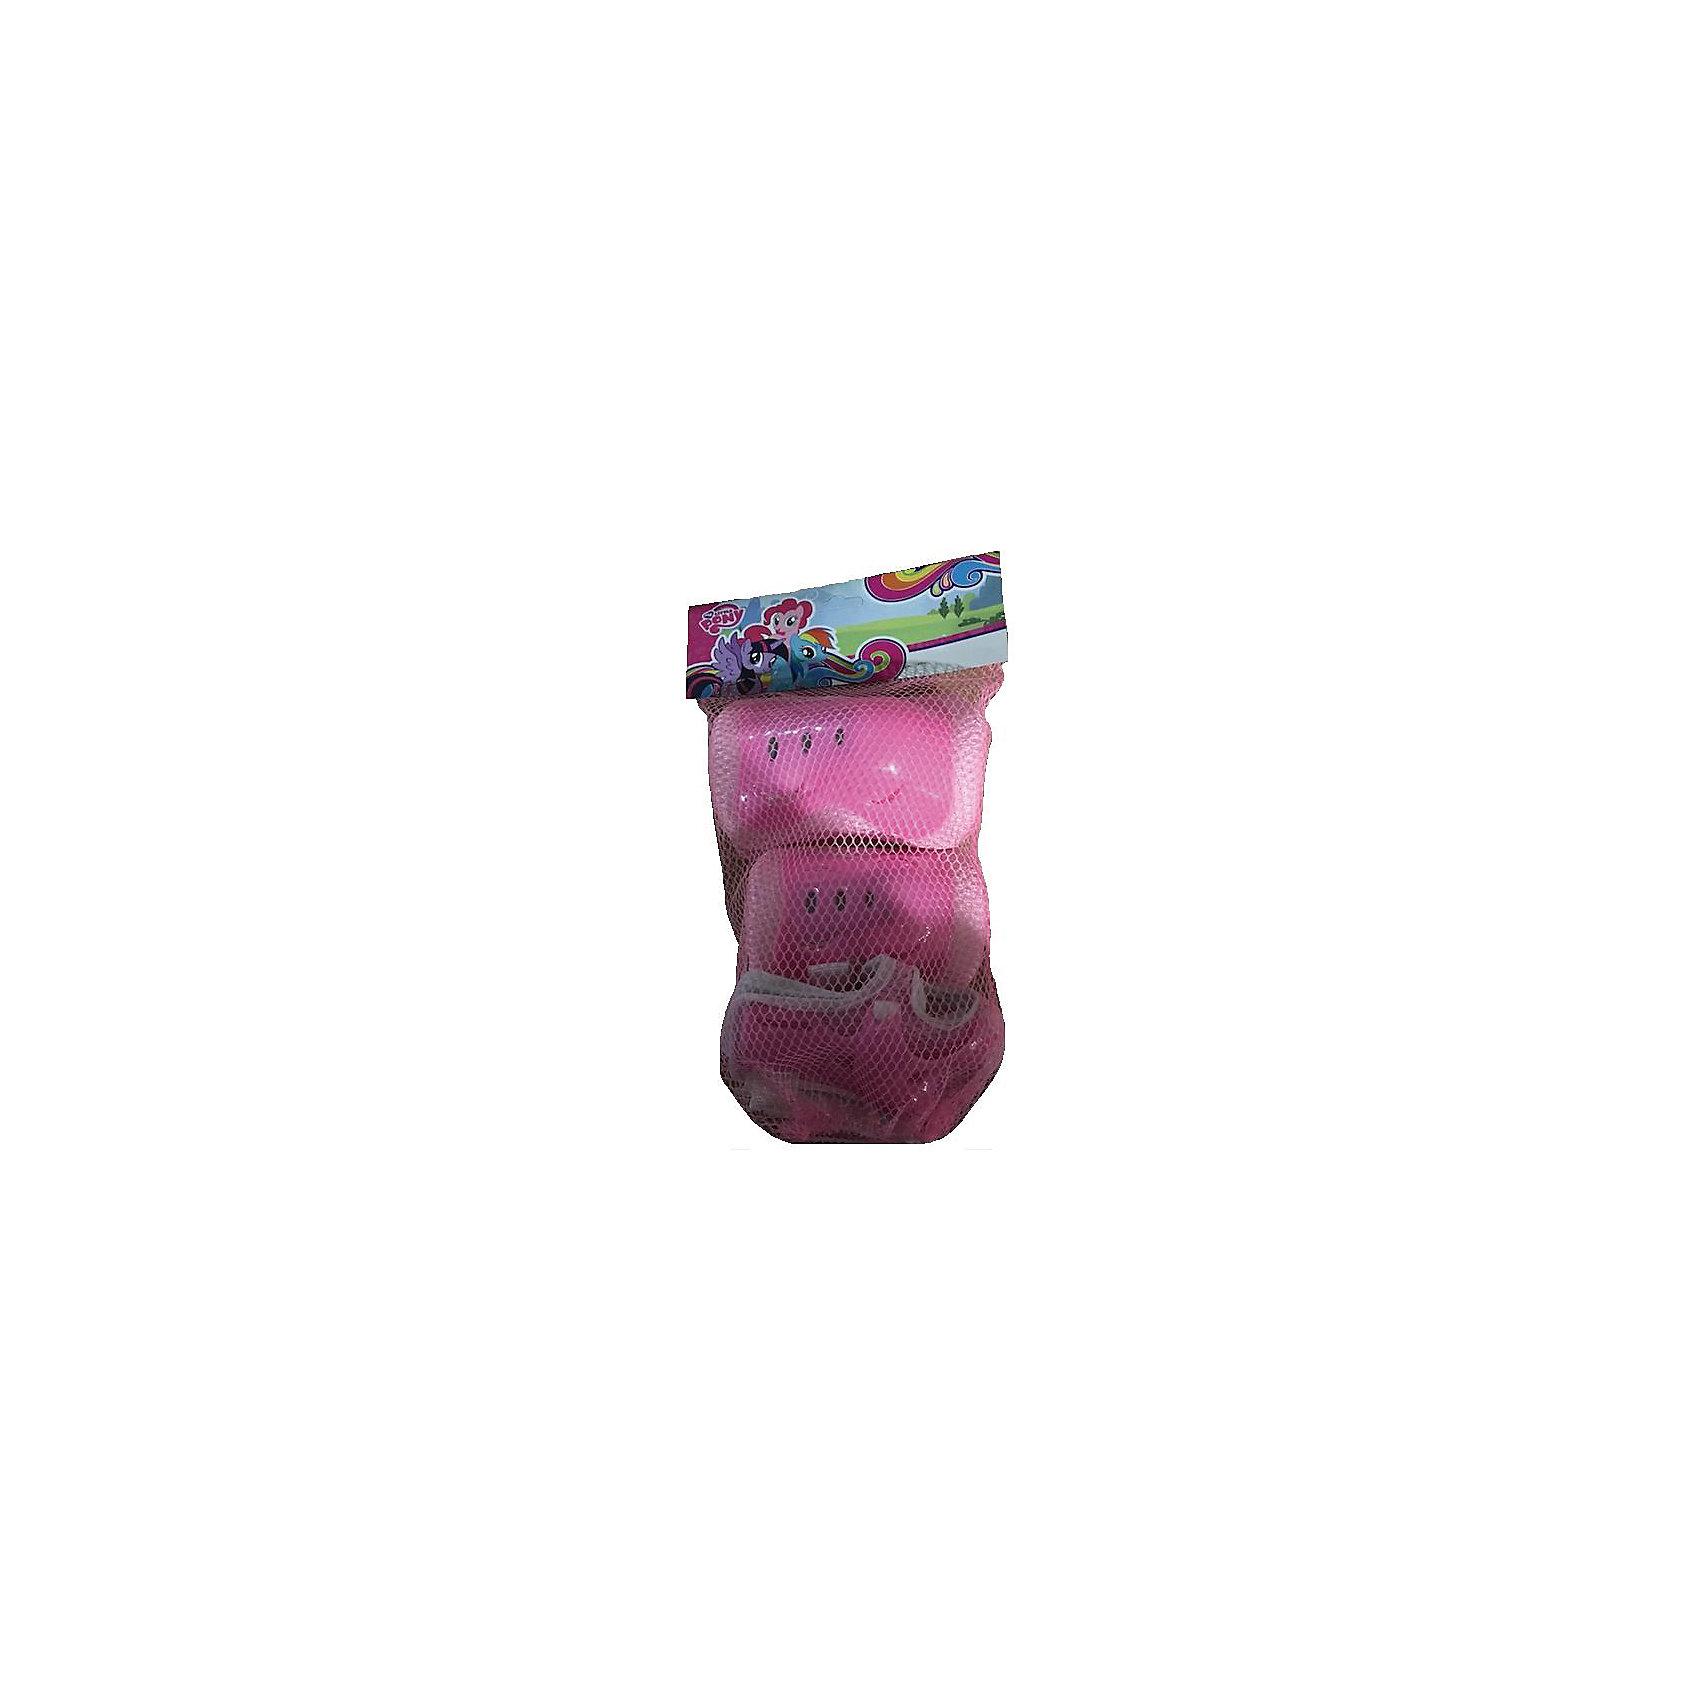 Комплект защиты для колен, локтей, запястий, Мой Маленький ПониЗащита, шлемы<br>Характеристики товара:<br><br>• цвет: розовый<br>• материал: текстиль, пластик<br>• возраст: от 3 лет<br>• упаковка: сетка<br>• размеры упаковки: 8х33х19 см<br>• вес: 150 гр.<br><br>Комплект защиты просто необходим  при обучении детей катанию на роликах, самокате или велосипеде. Благодаря защитным аксессуарам из набора колени, локти и запястья юного ездока будут надежно защищены от травм и ушибов при падениях.<br><br>На корпусе изделий предусмотрены липучки, поэтому ребенок самостоятельно сможет застегивать их на себе. Отверстия на поверхности аксессуаров обеспечивают постоянную вентиляцию воздуха, что делает процесс катания более комфортным.<br><br>Защитные атрибуты выполнены из ударопрочного пластика высокого качества, а также гипоаллергенного текстильного материала, дополнительно смягчающего удары.<br><br>Комплект защиты для колен, локтей, запястий, Мой Маленький Пони можно купить в нашем интернет-магазине.<br><br>Ширина мм: 80<br>Глубина мм: 330<br>Высота мм: 190<br>Вес г: 150<br>Возраст от месяцев: 36<br>Возраст до месяцев: 84<br>Пол: Женский<br>Возраст: Детский<br>SKU: 5603779